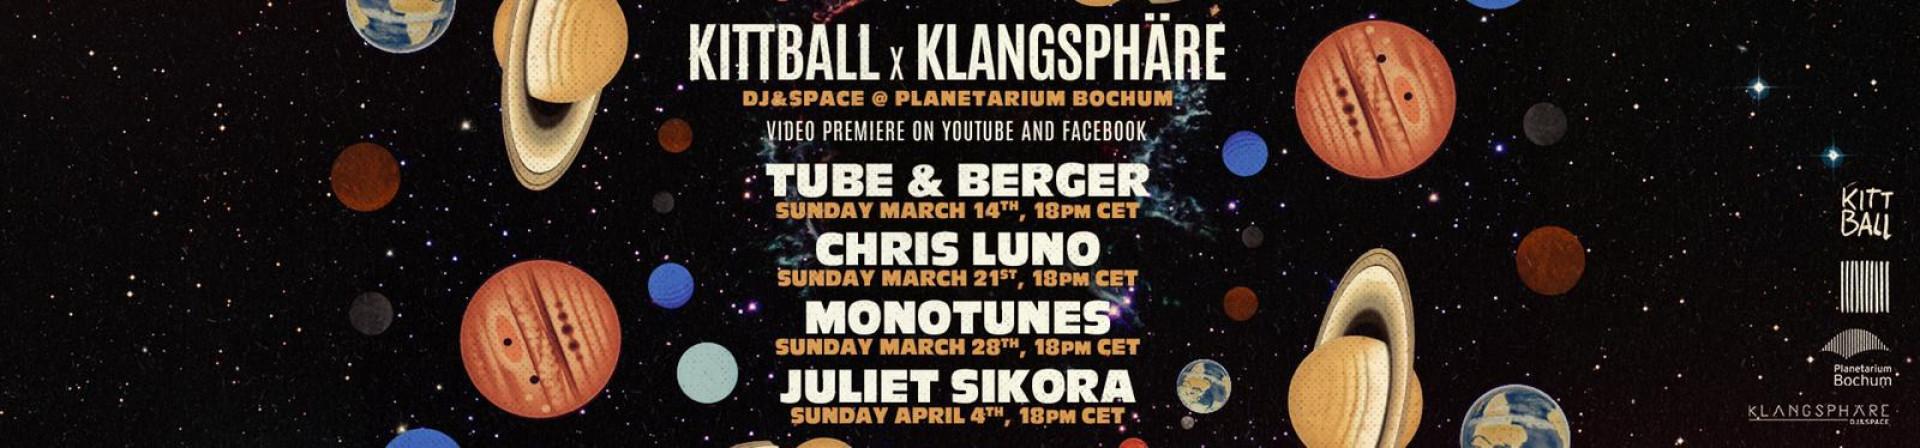 kittball_header